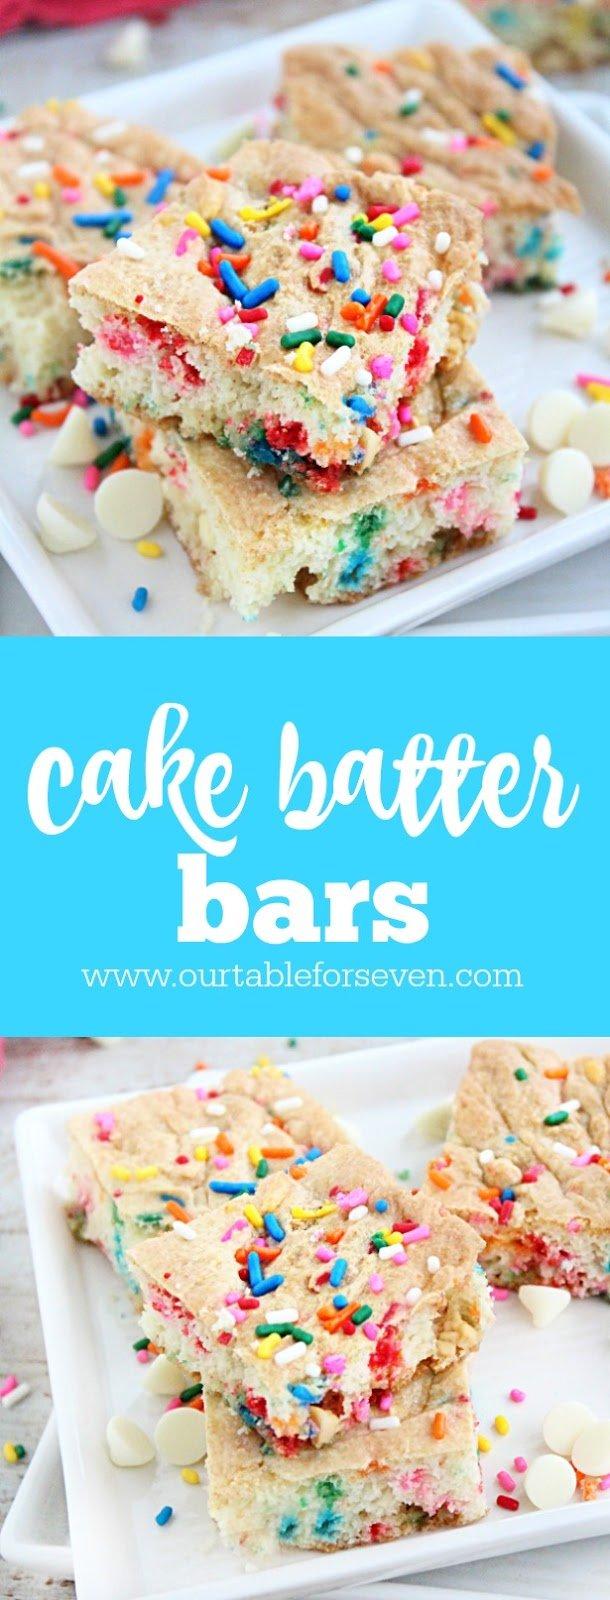 Cake Batter Bars #cakebatter #bars #dessert #cakemix #tableforsevenblog